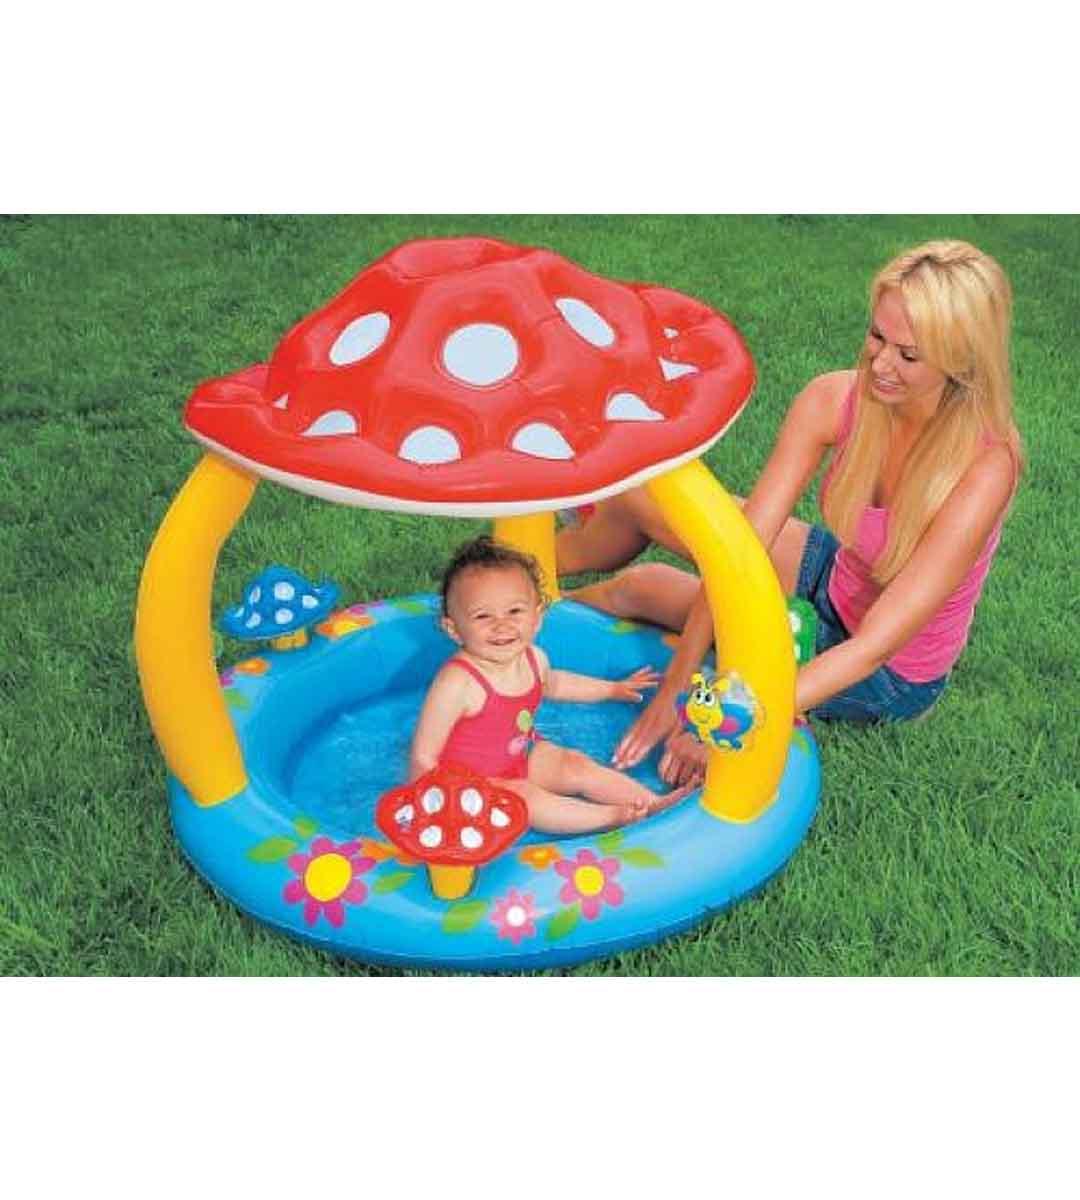 Piscina Inflável Bebes Infantil Cobertura Cogumelo - Intex